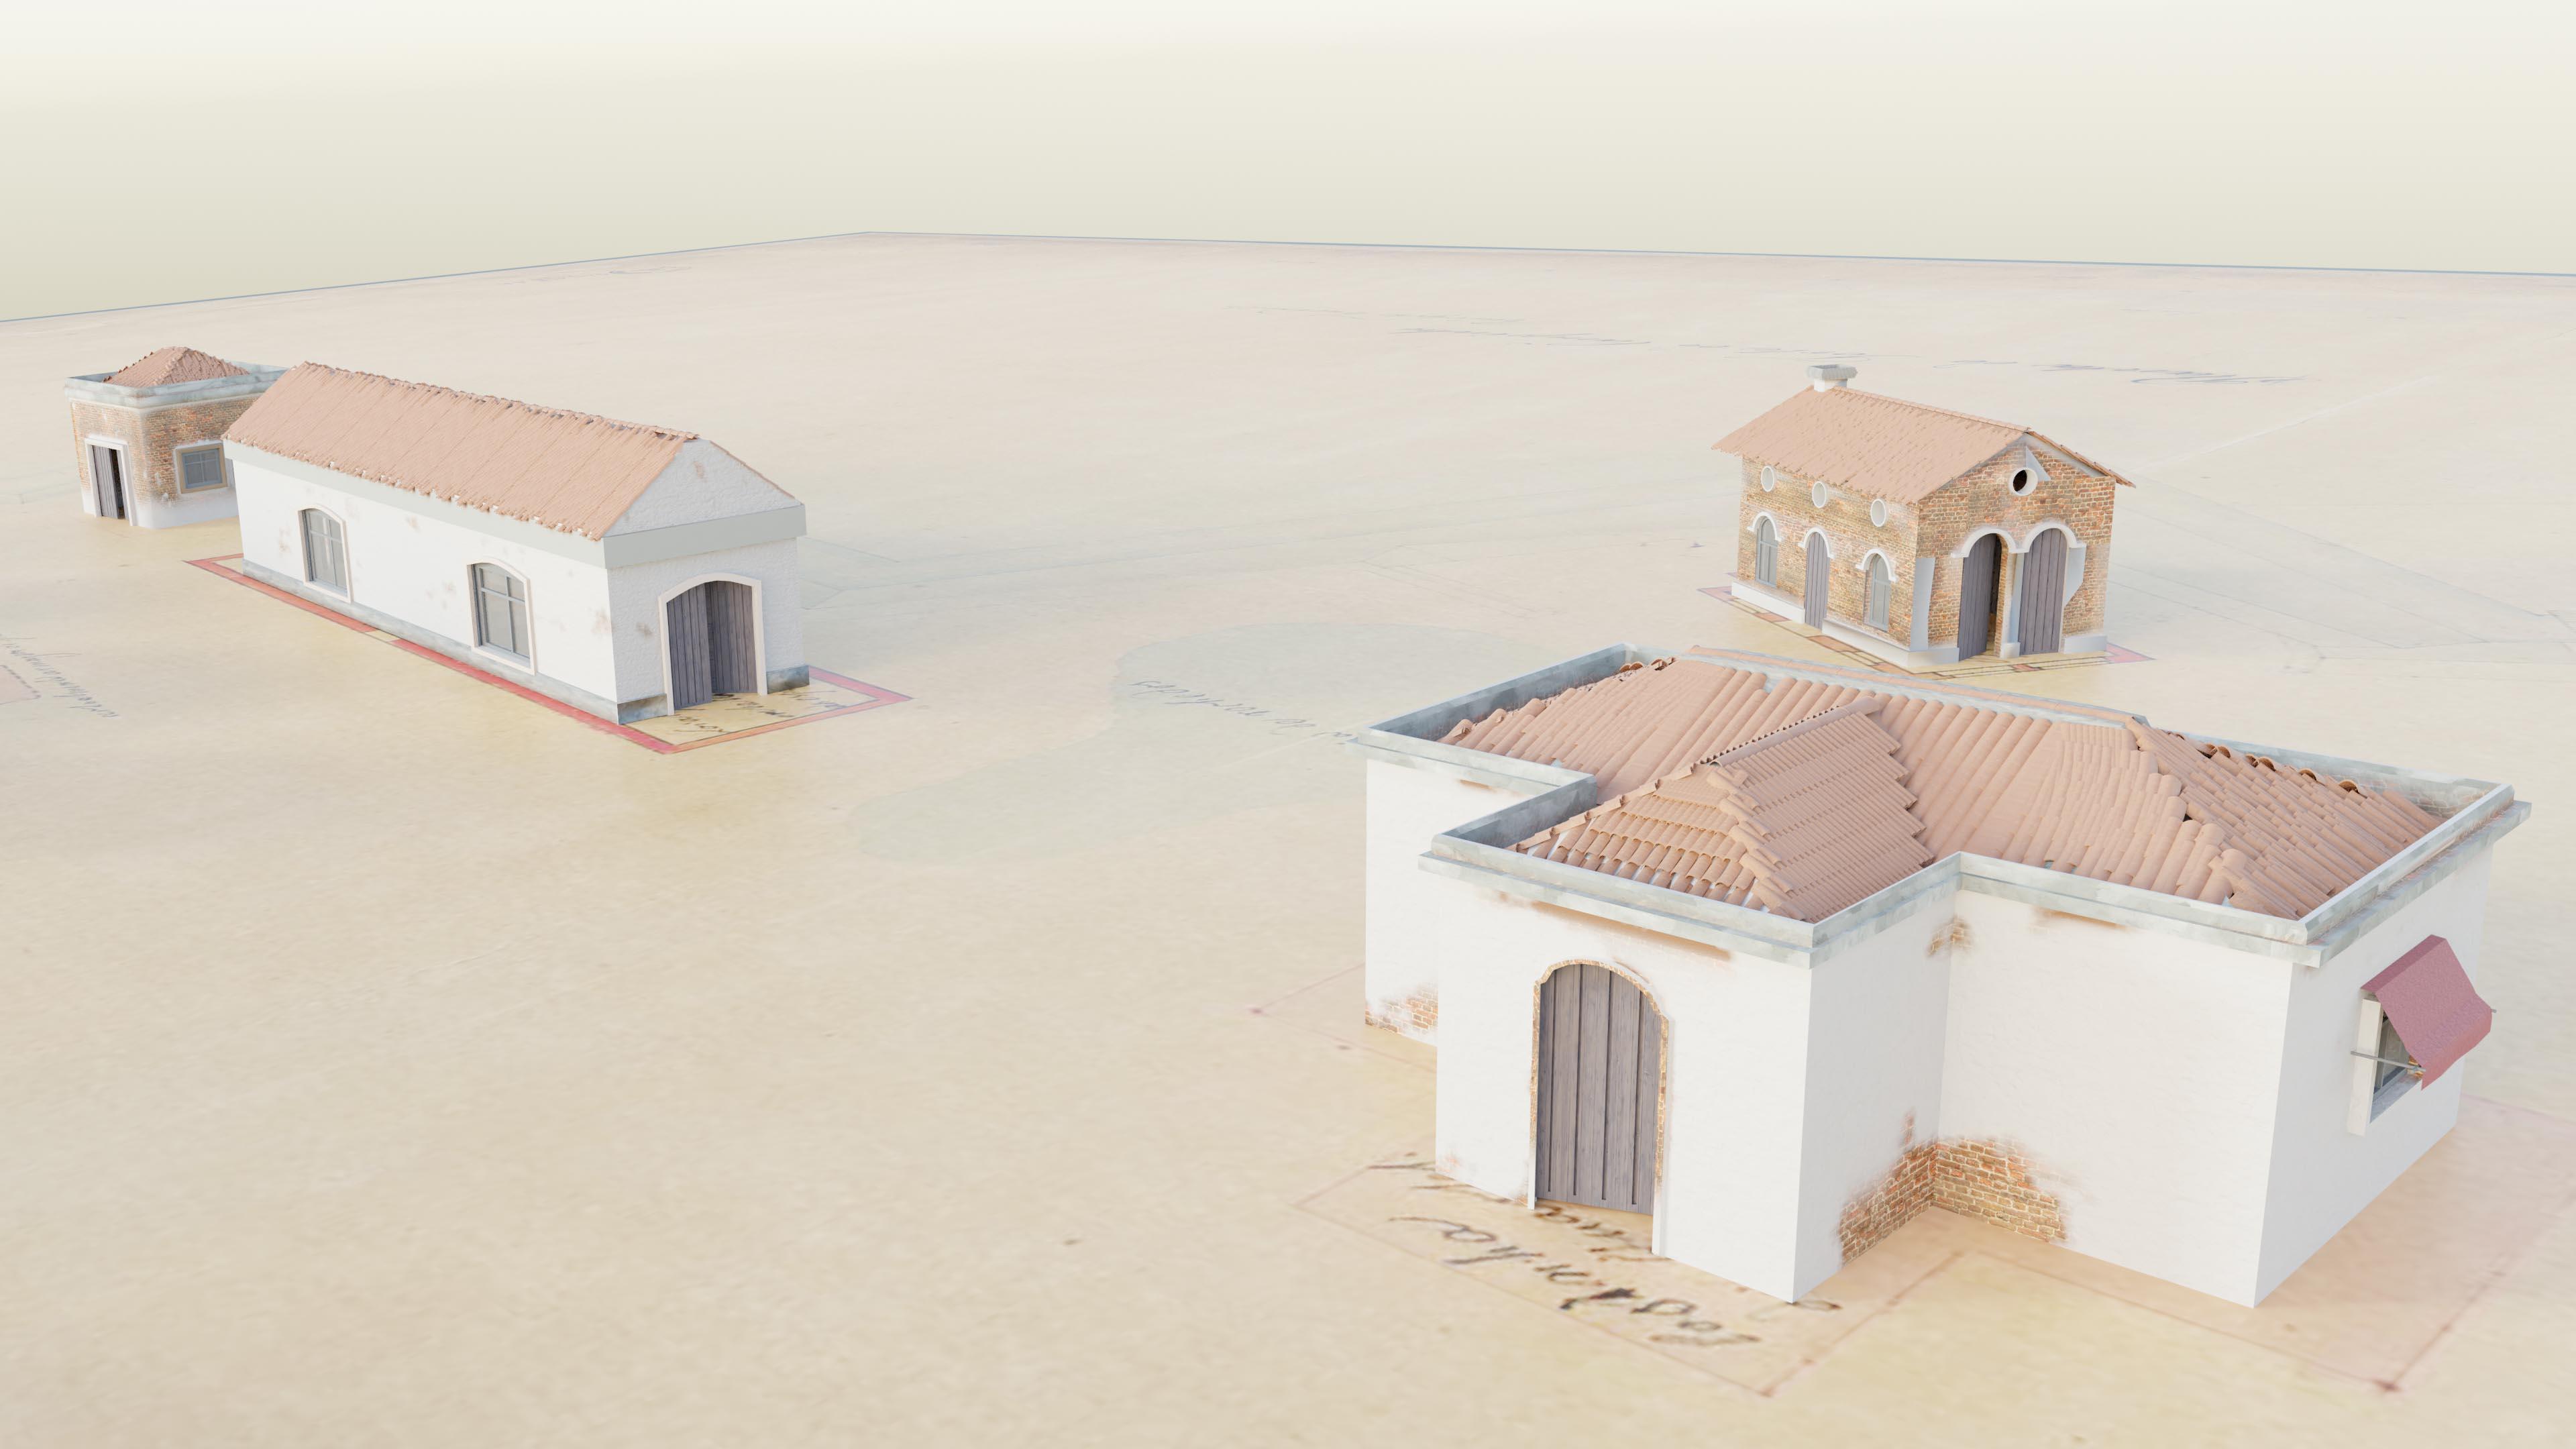 https://0201.nccdn.net/1_2/000/000/14a/3c8/casas_planos12.jpg